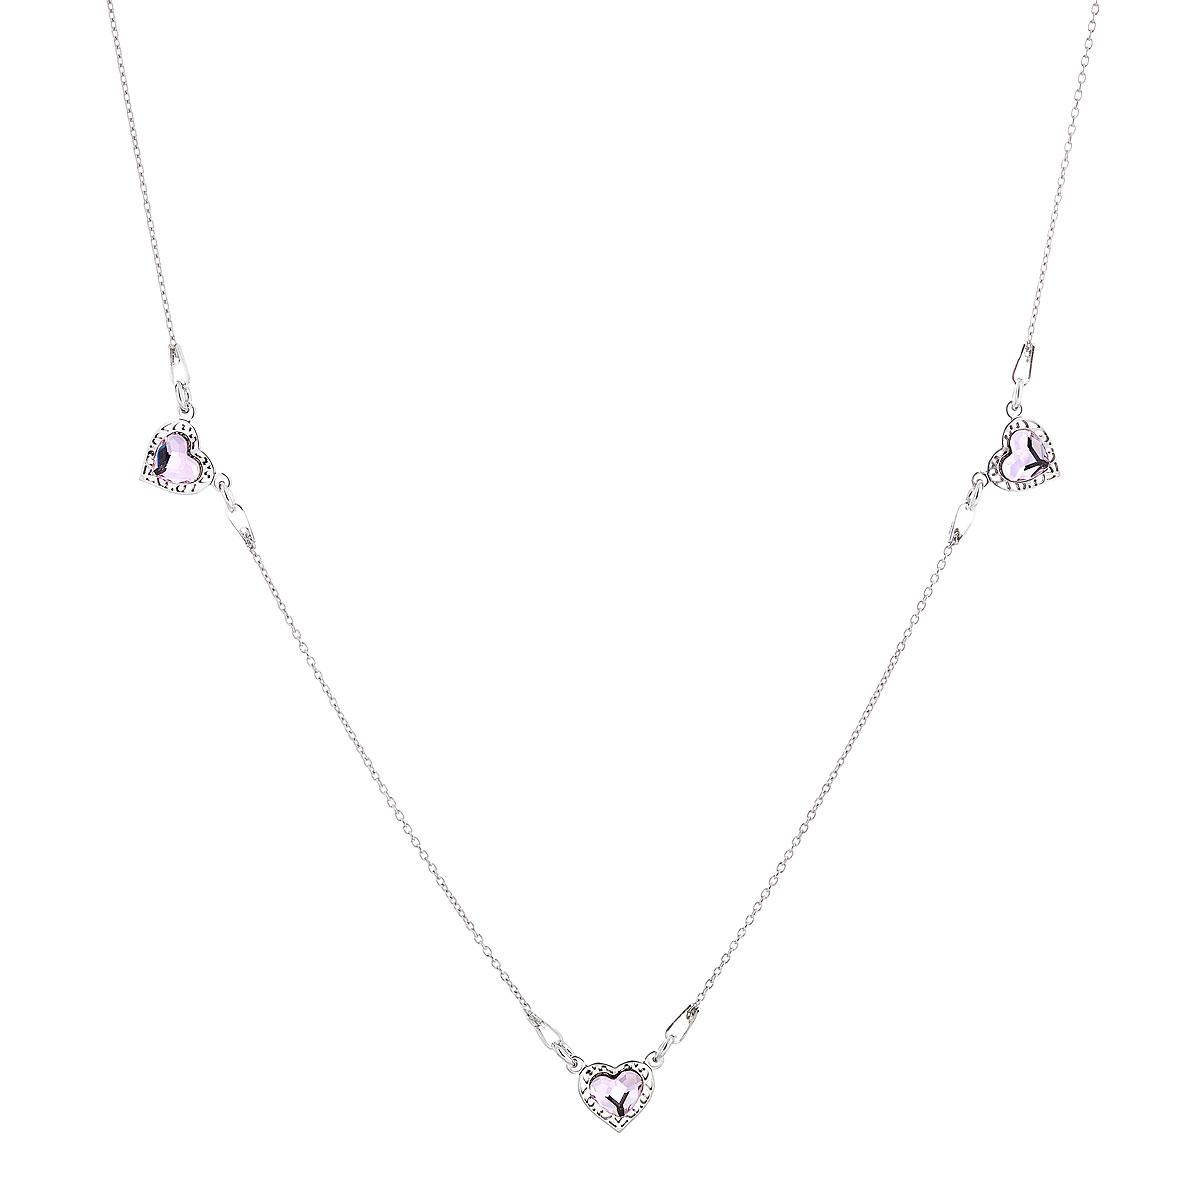 Stříbrný náhrdelník s krystaly Swarovski růžové srdce 72060.3